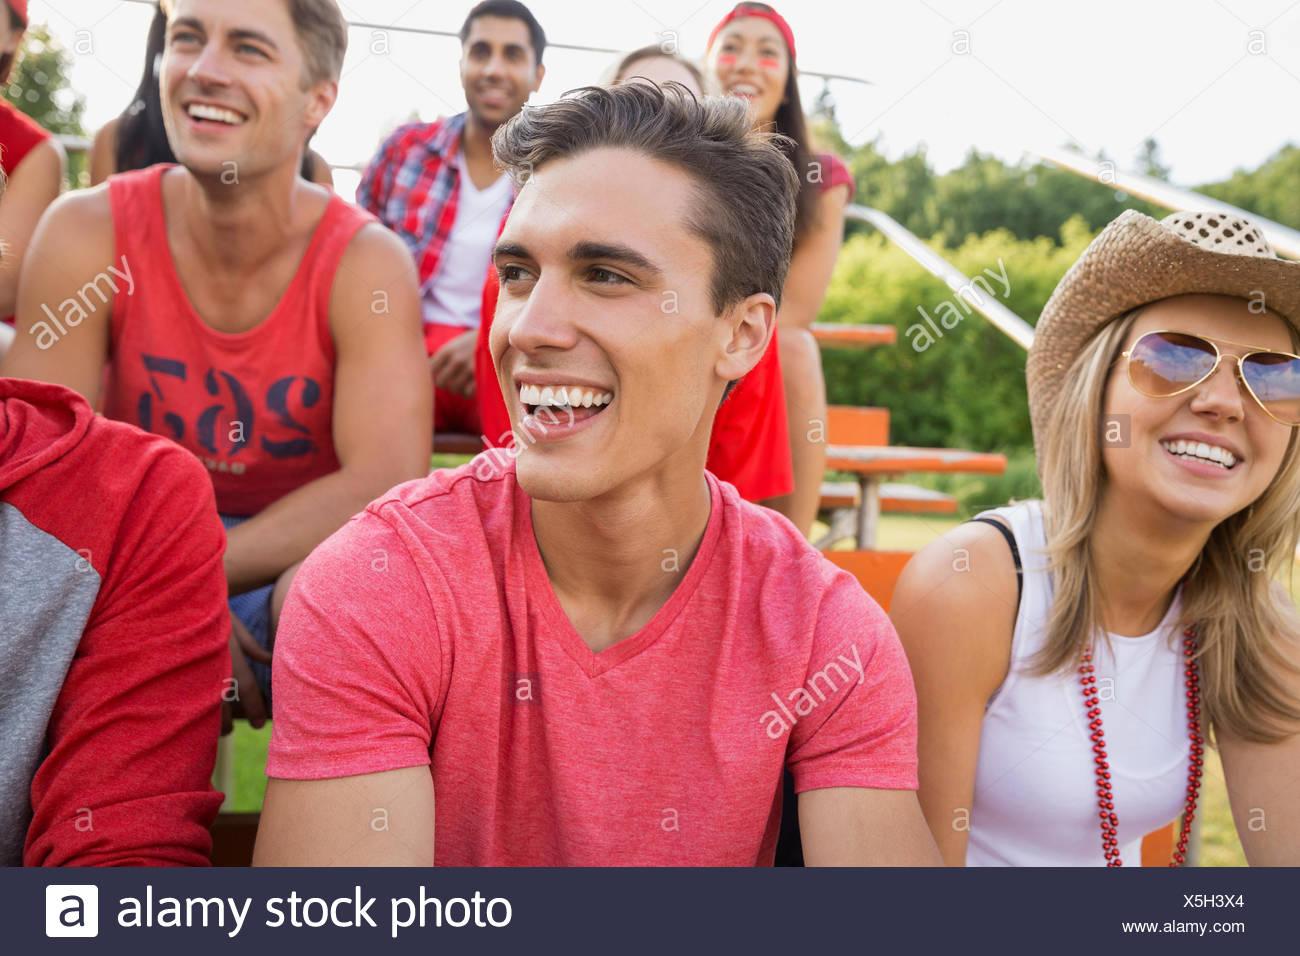 Homme rire à un événement sportif Photo Stock